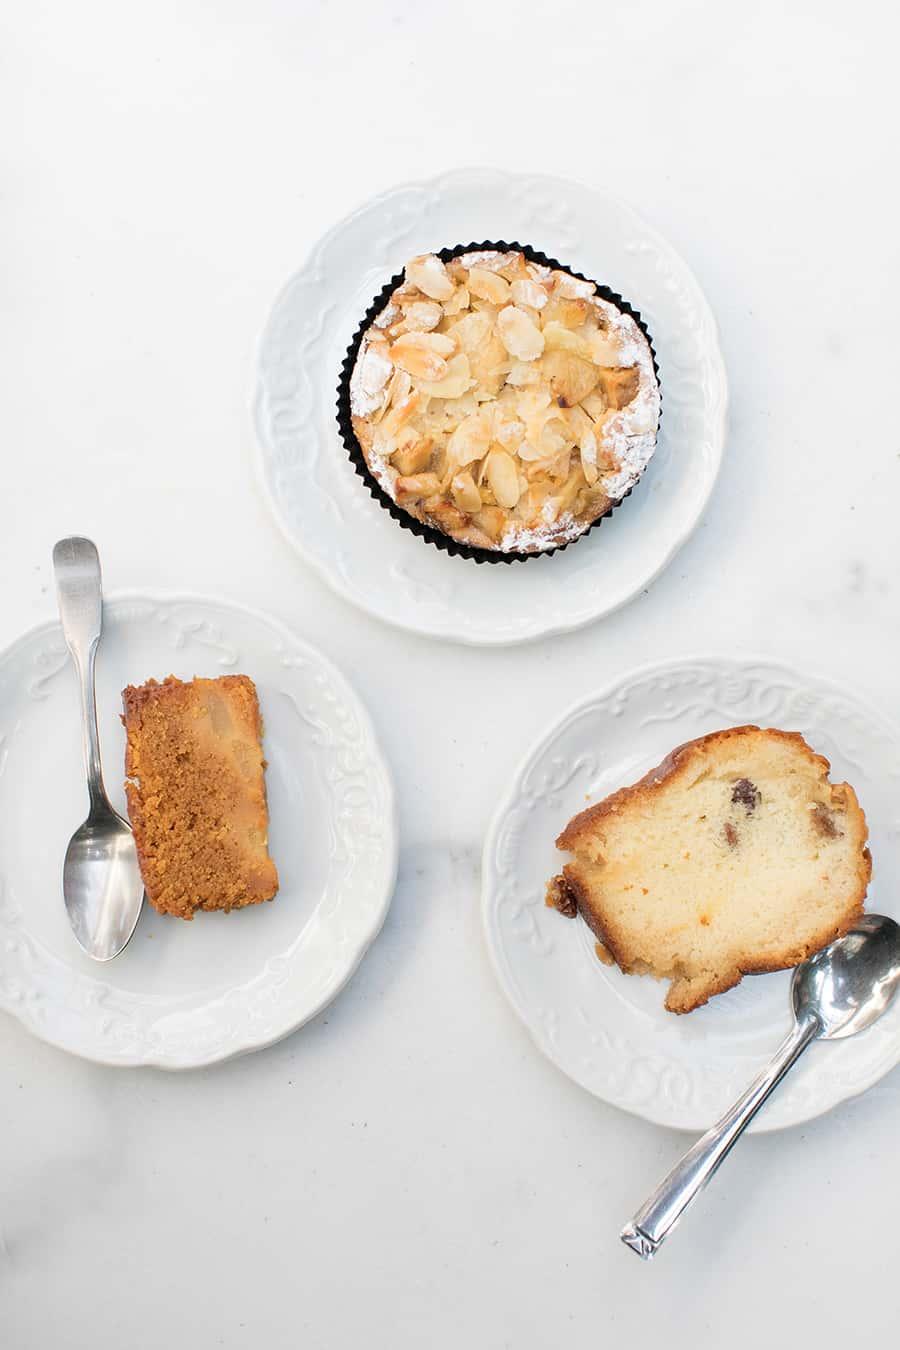 Pastries on white plates